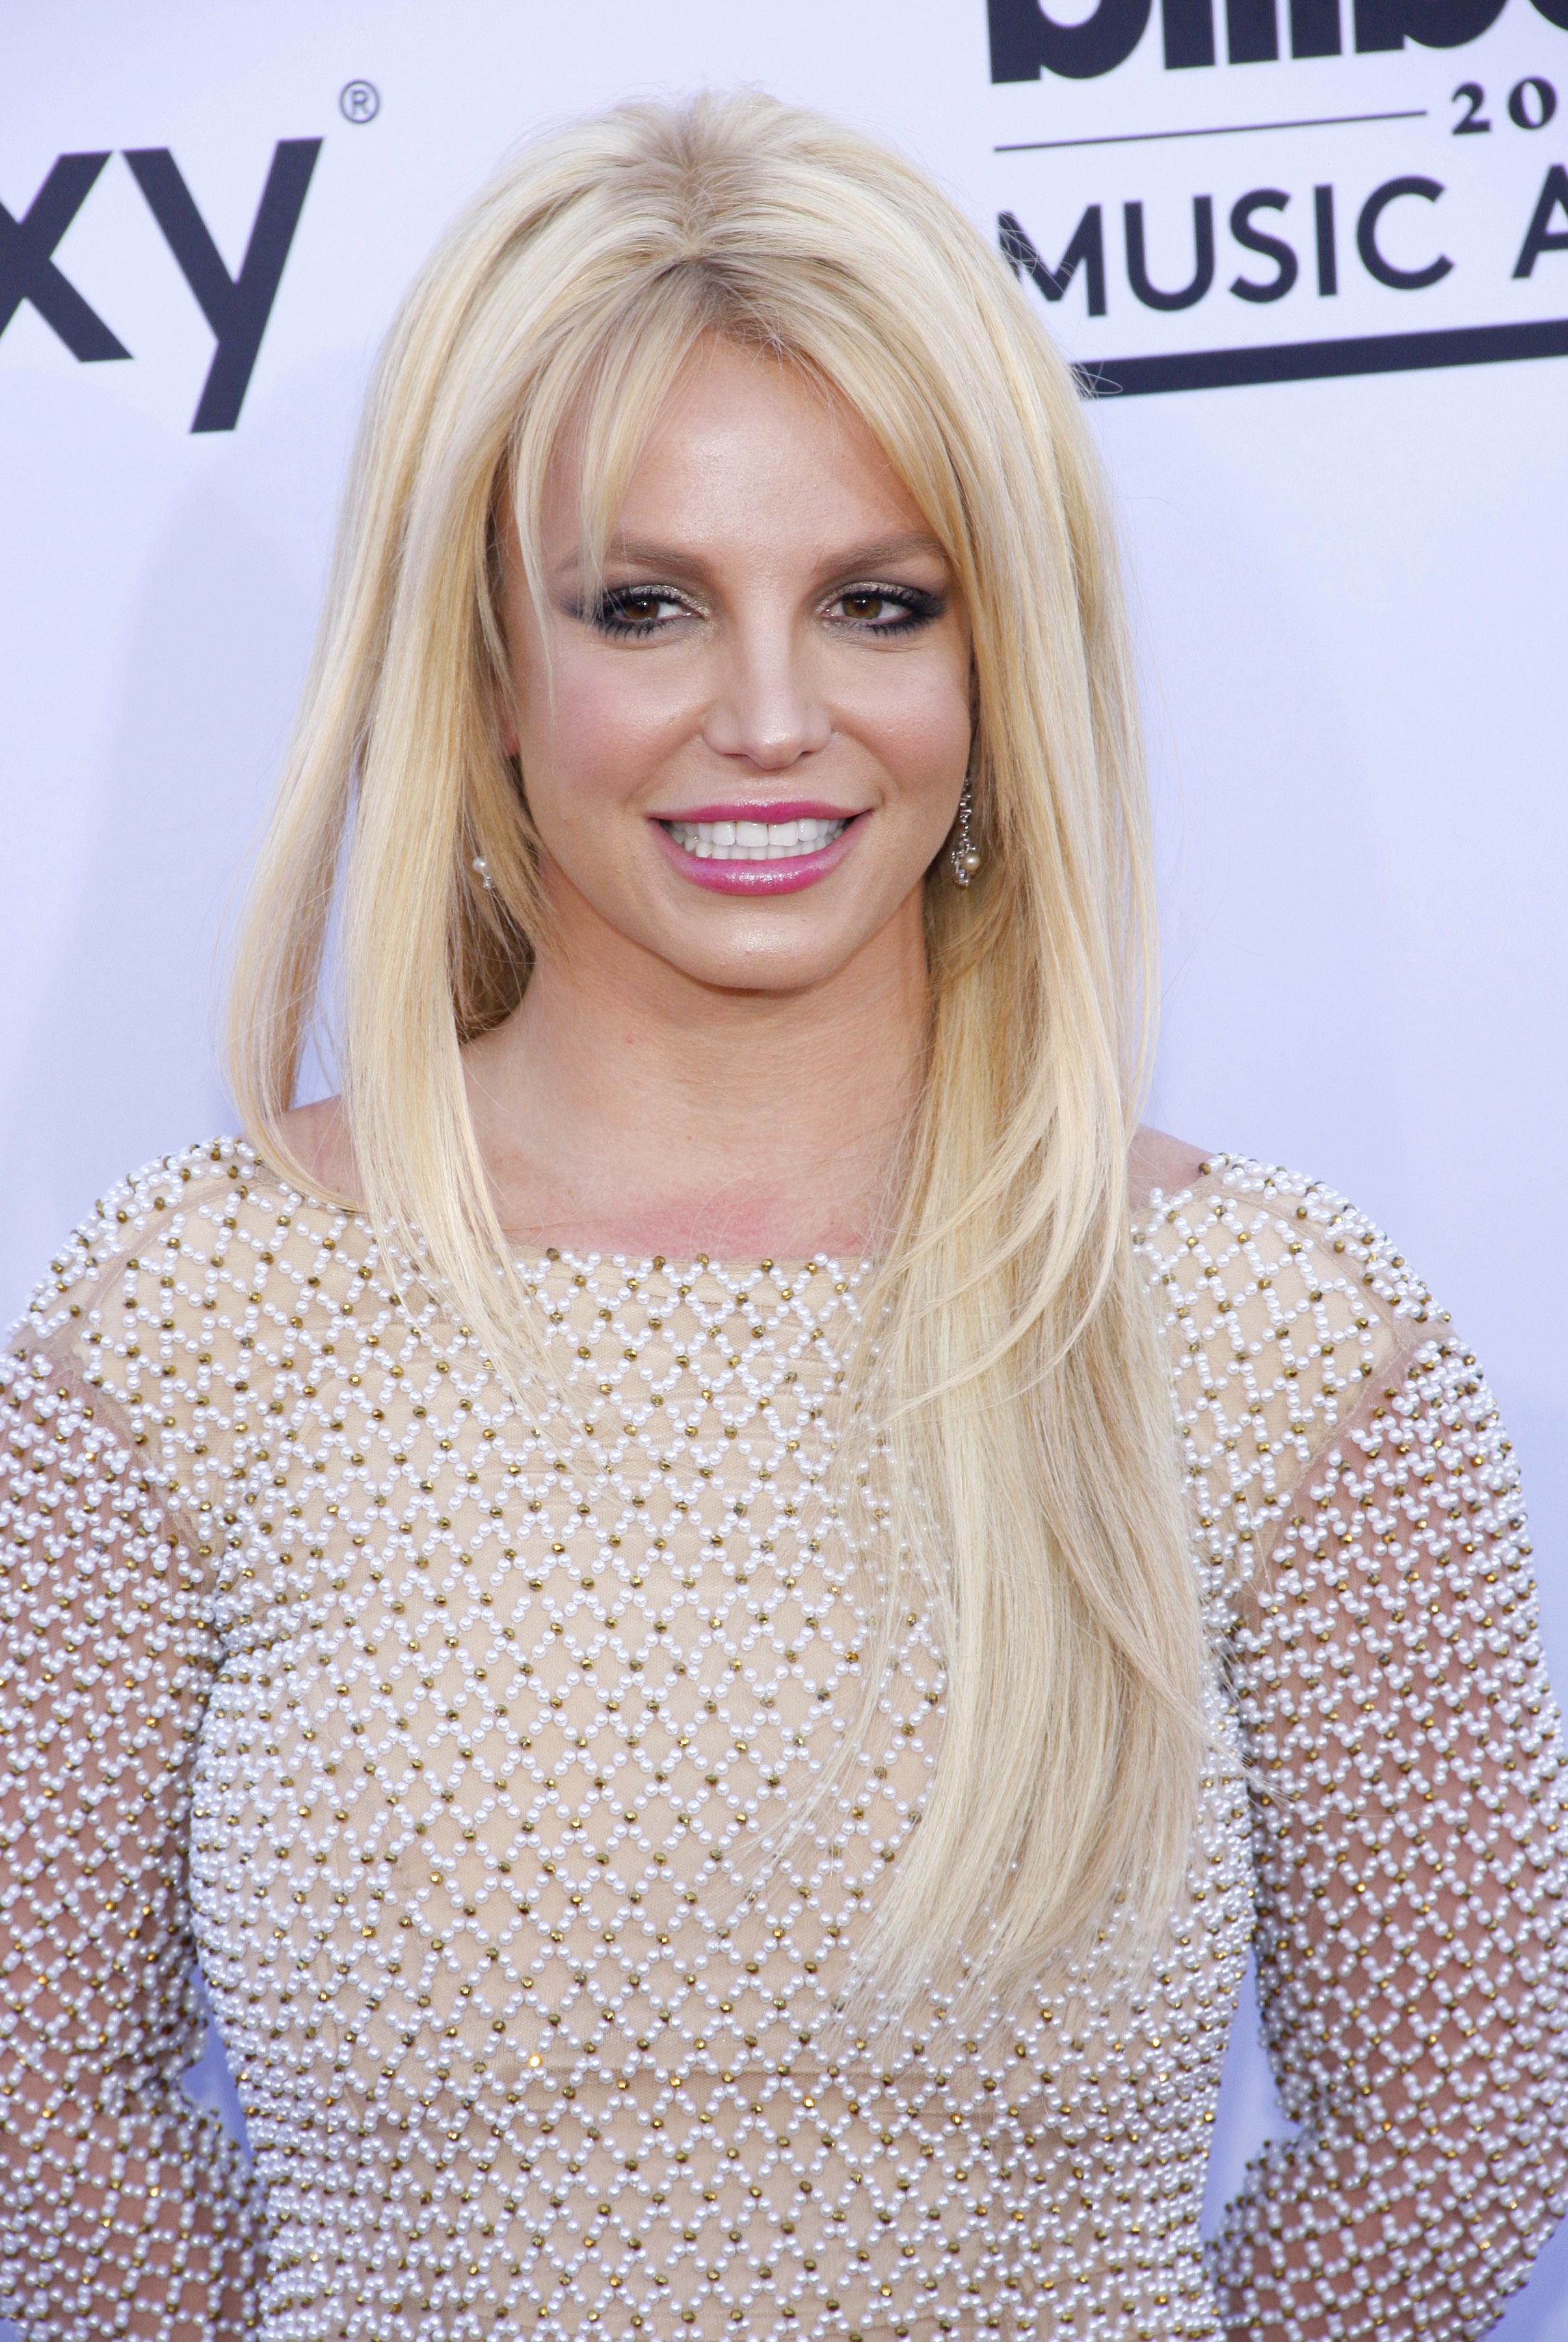 Pop Star Britney Spears Challenges 12-Year Conservatorship | Gaslowitz  Frankel